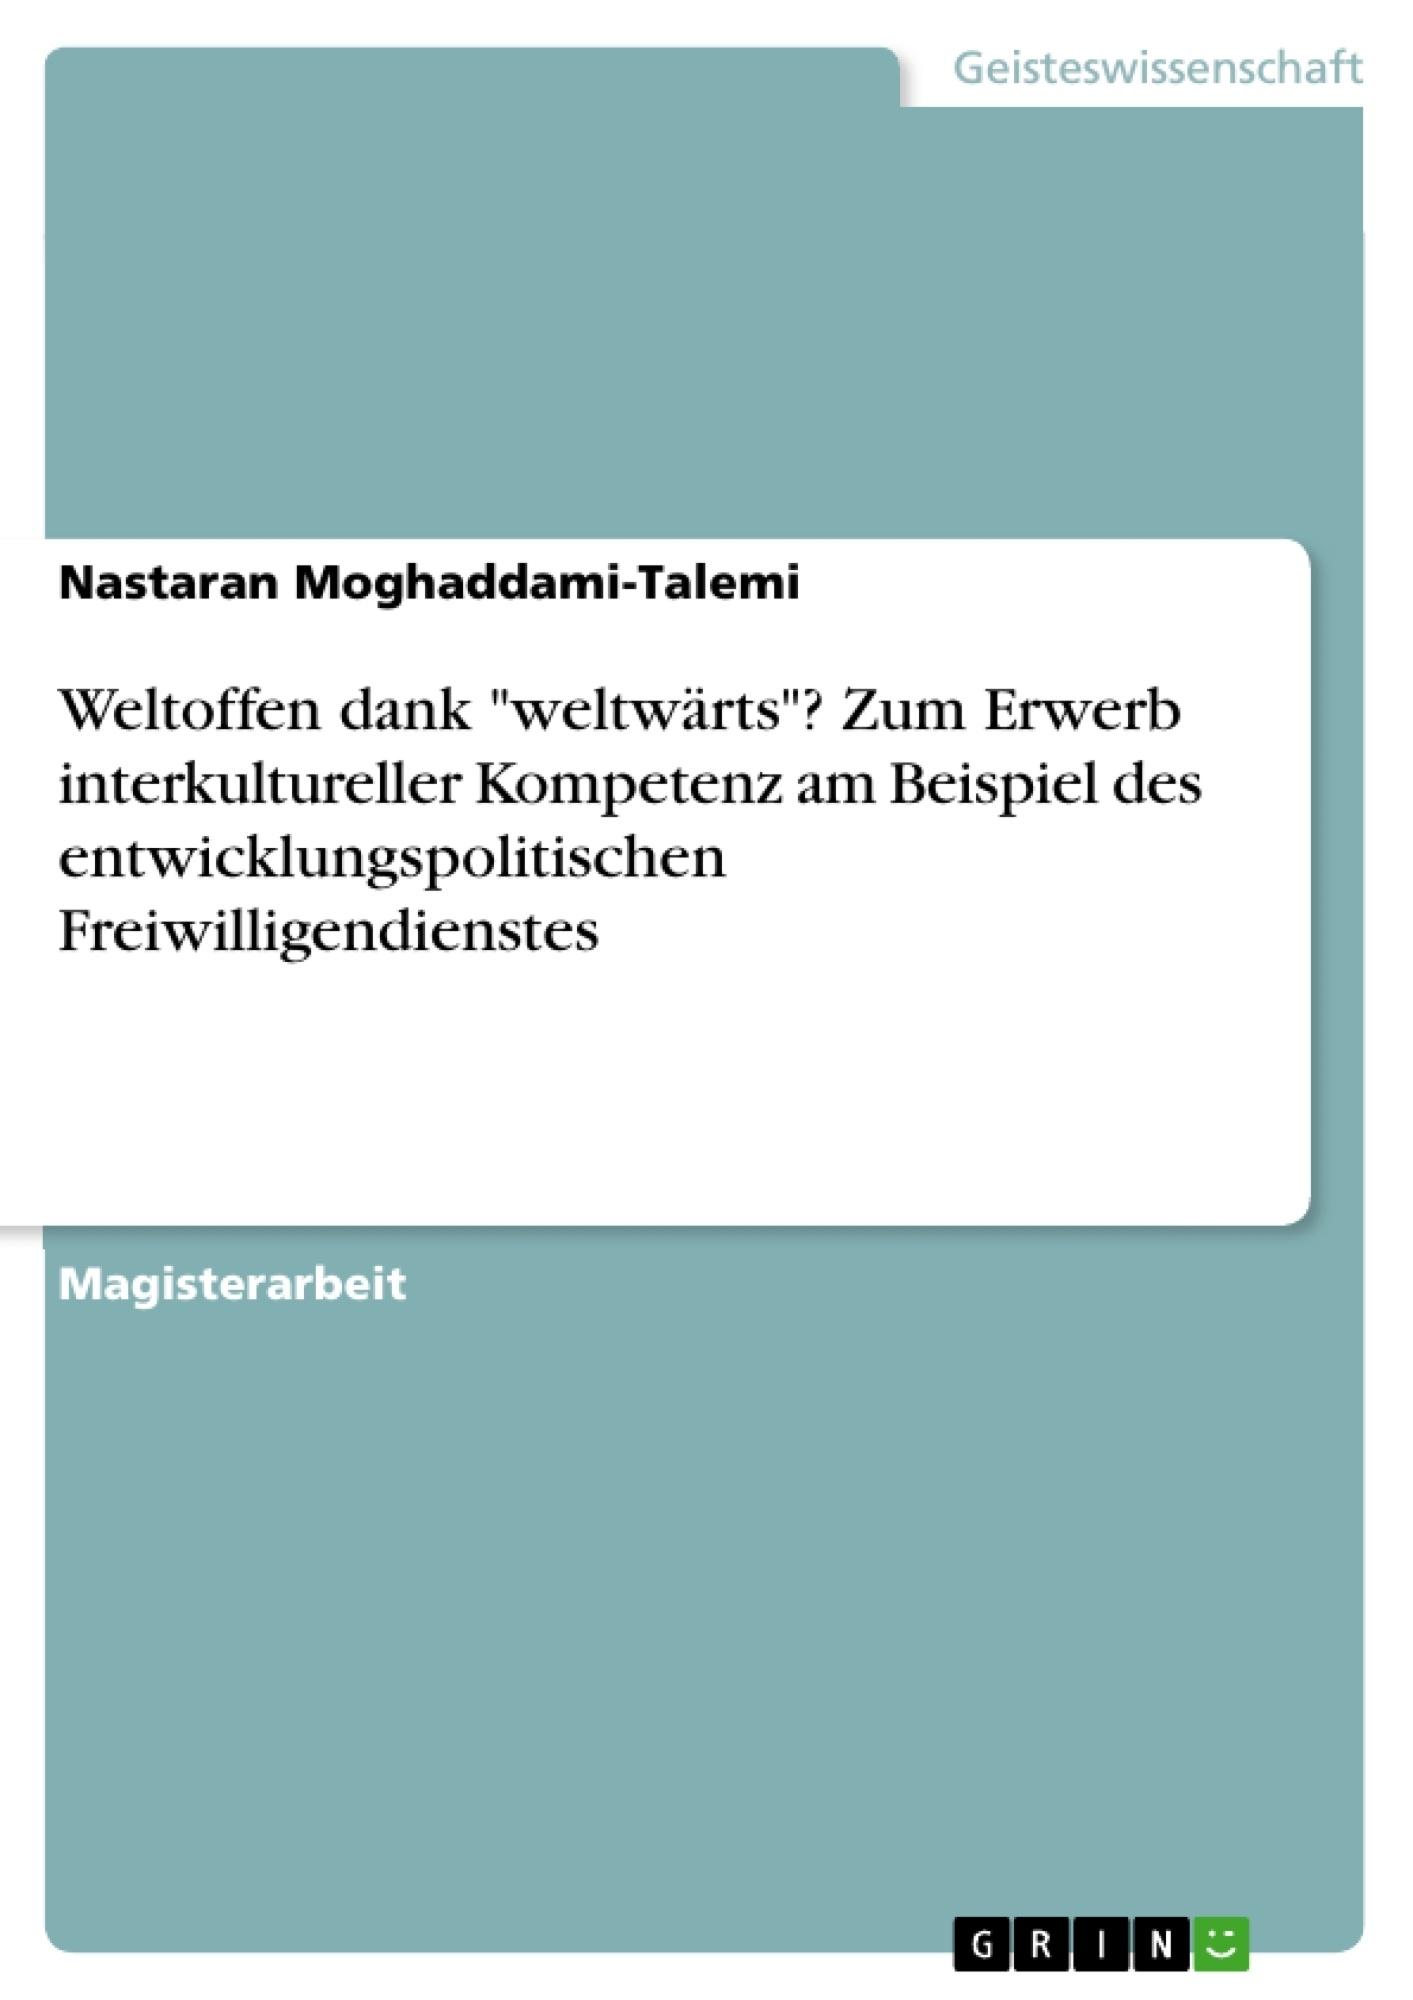 """Titel: Weltoffen dank """"weltwärts""""? Zum Erwerb interkultureller Kompetenz am Beispiel des entwicklungspolitischen Freiwilligendienstes"""